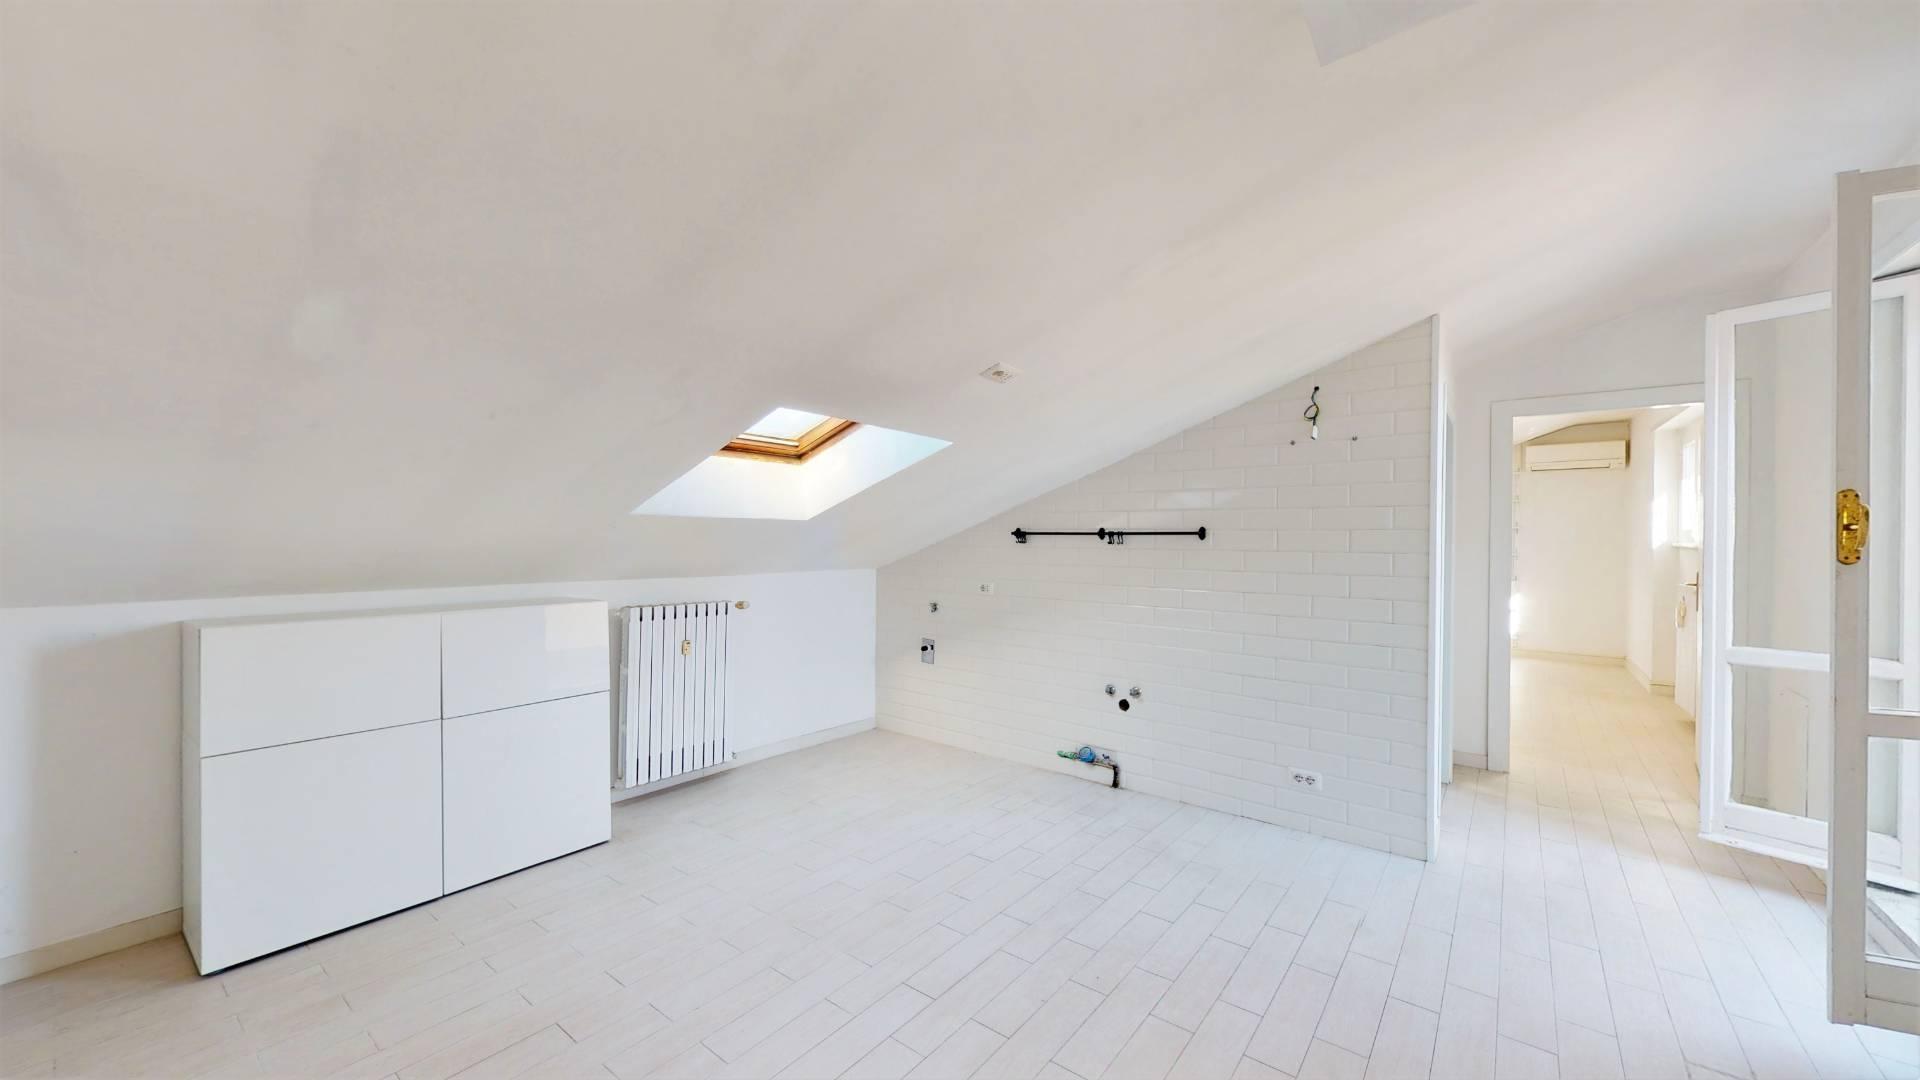 Appartamento in vendita a Roma, 2 locali, zona Zona: 10 . Pigneto, Largo Preneste, prezzo € 239.000   CambioCasa.it